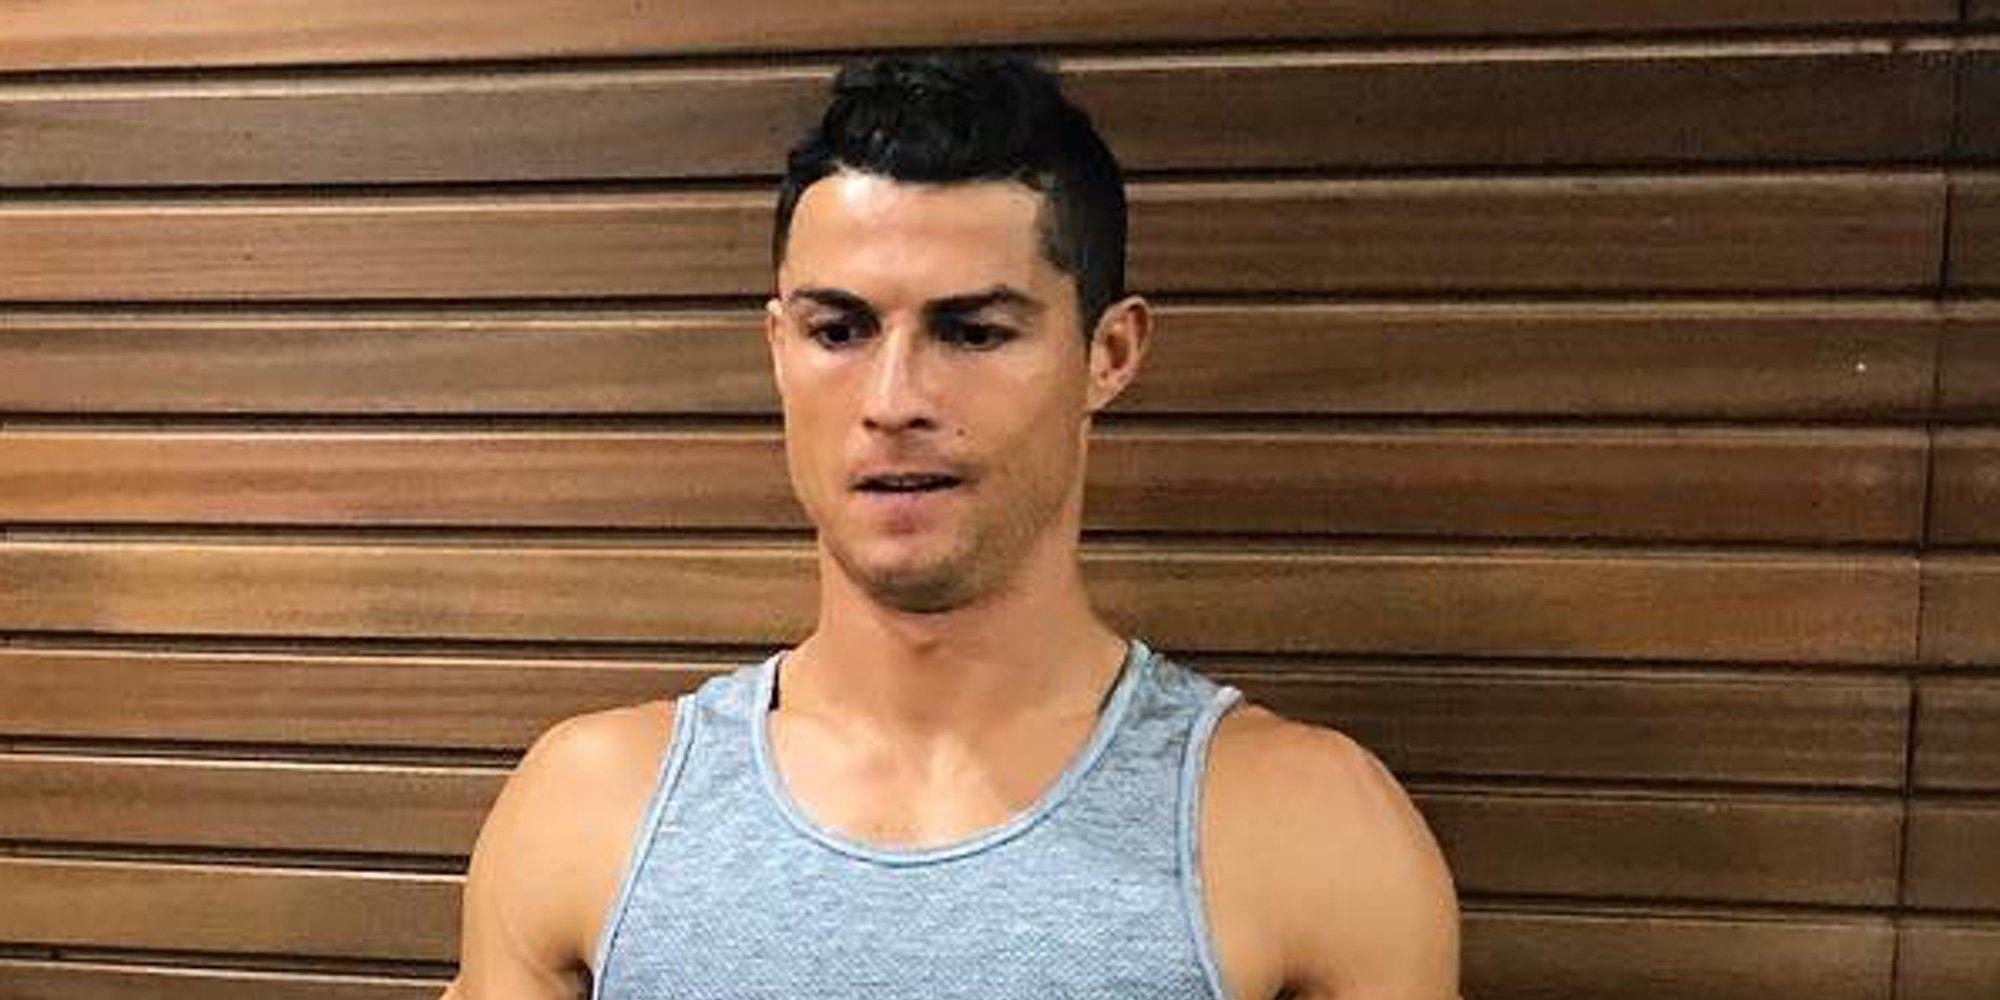 Nueva vida: Los planes de Cristiano Ronaldo y Georgina Rodríguez como familia numerosa en Turín